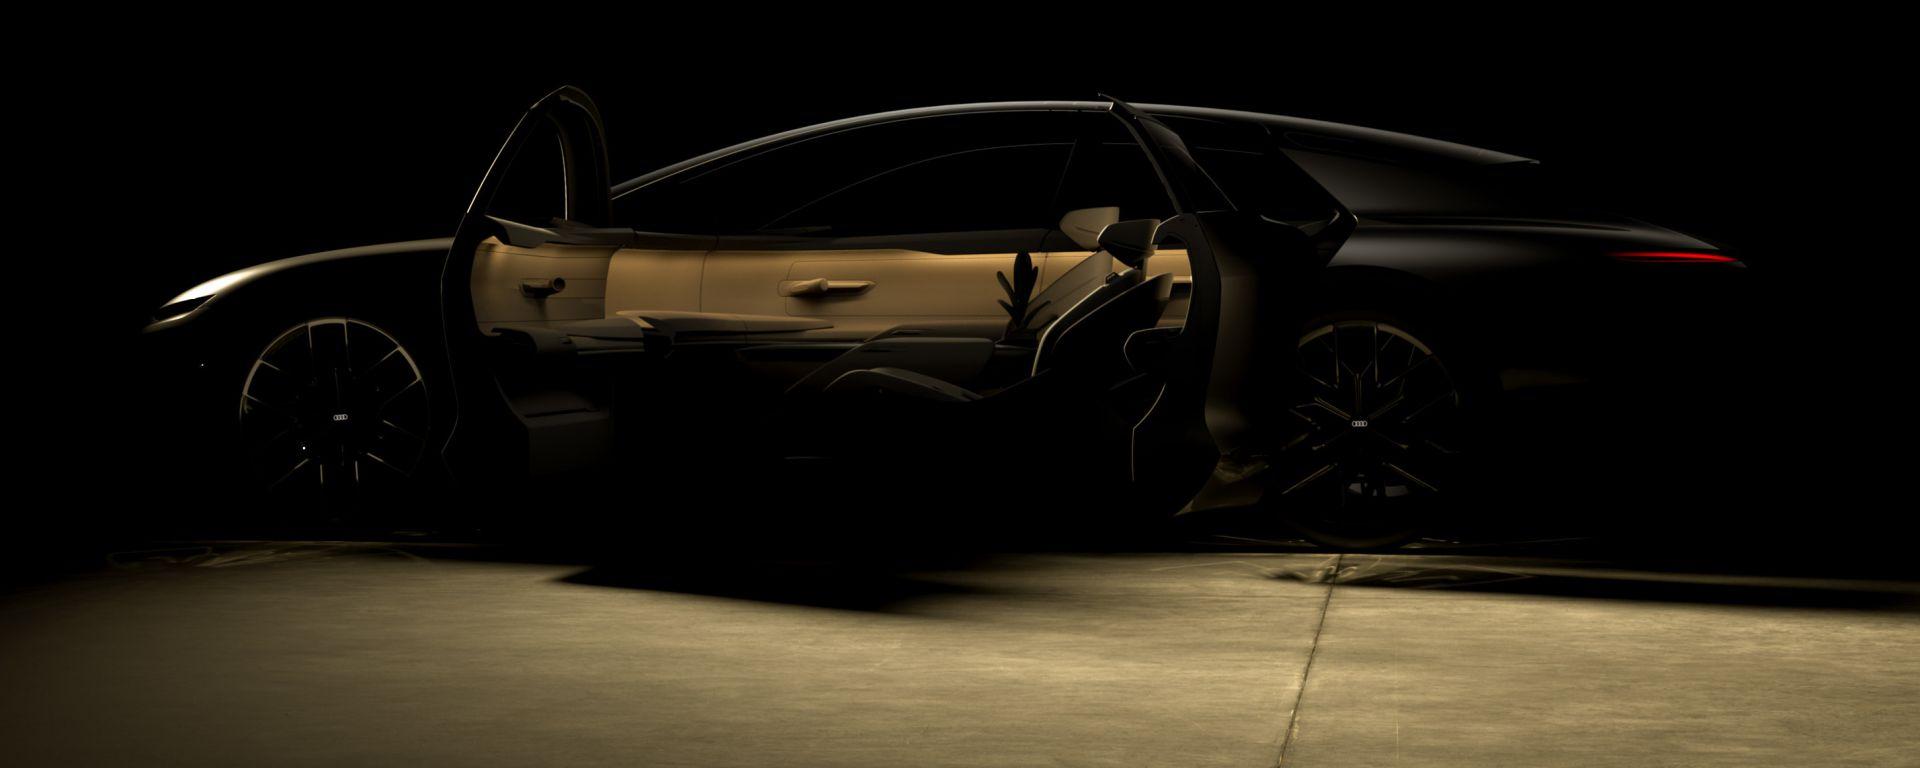 Audi Grand Sphere: il concept delle Audi del futuro (elettrico)